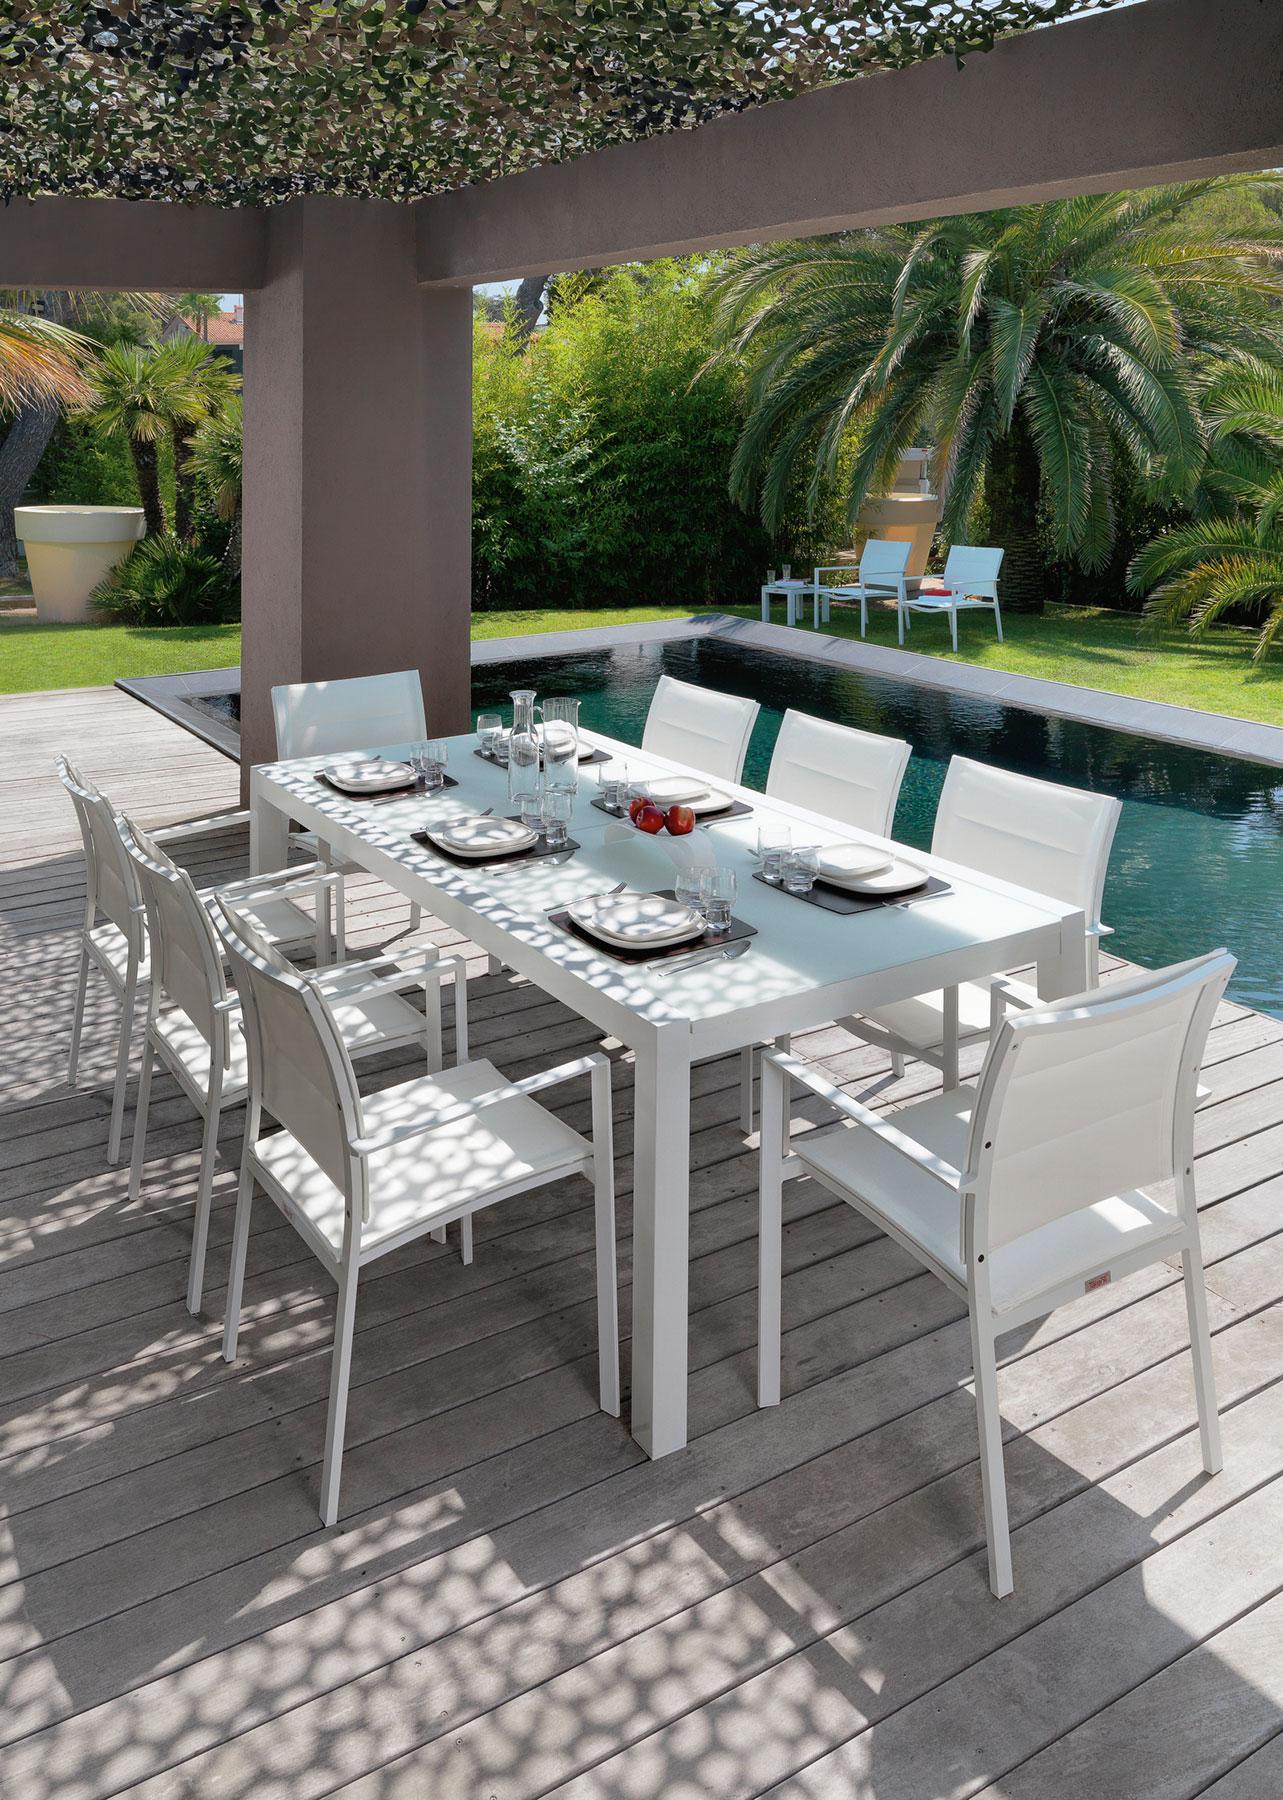 Sense tavolo da esterno 220 330 italy dream design for Tavoli e sedie per giardino